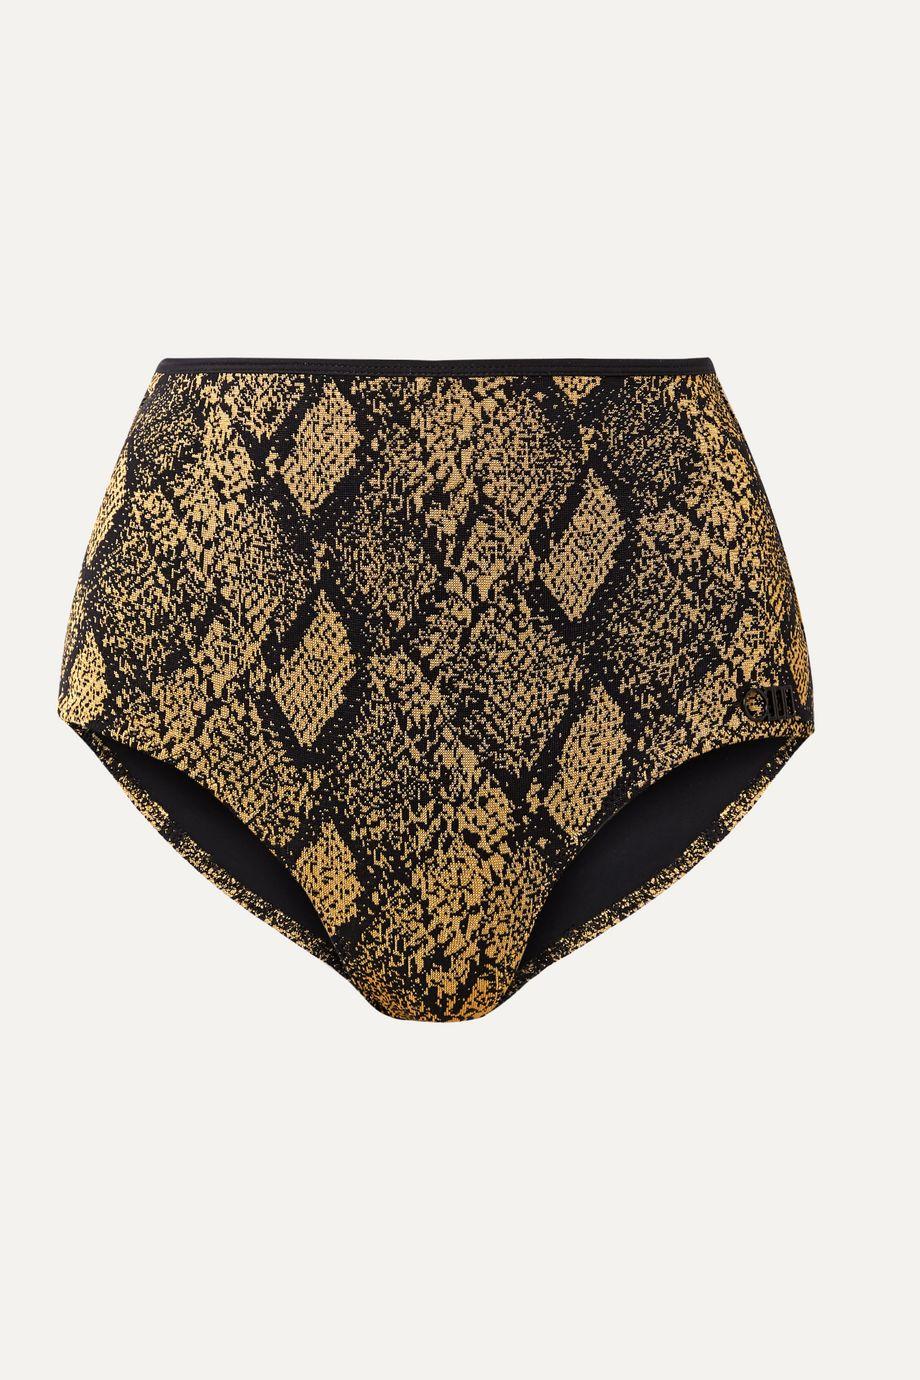 Solid & Striped The Brigitte stretch jacquard-knit bikini briefs